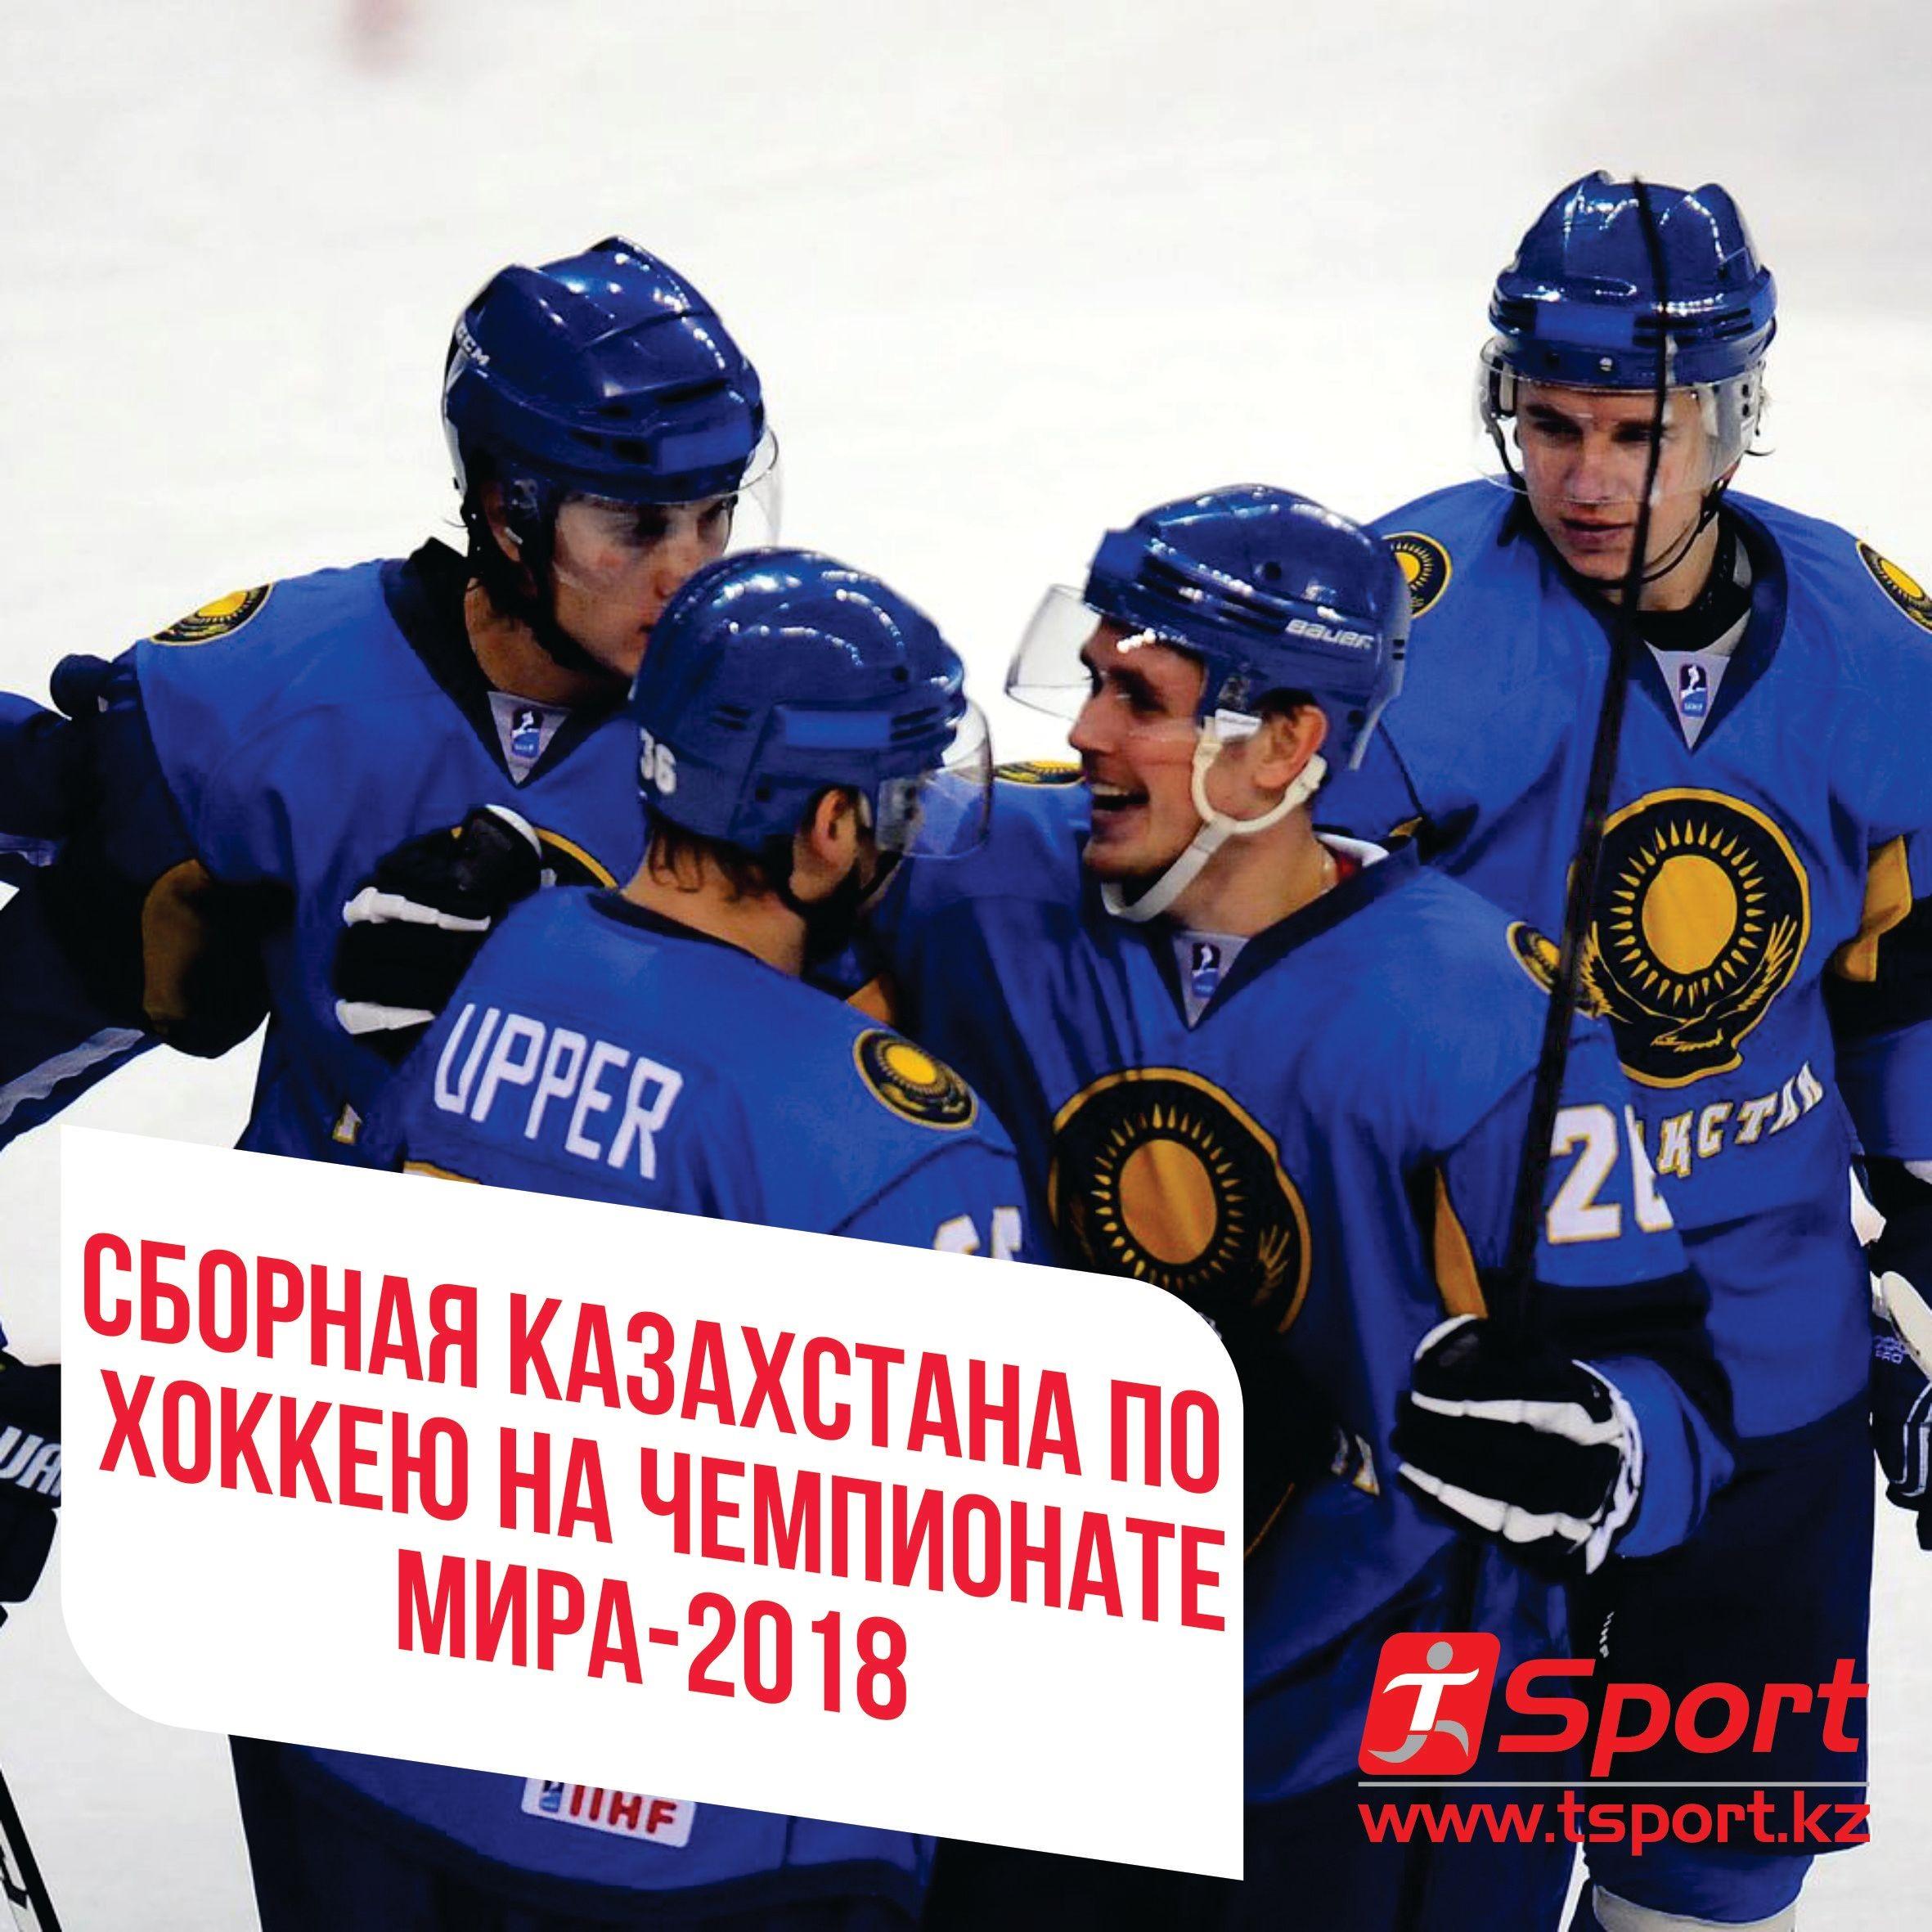 Сборная Казахстана по  хоккею на чемпионате  мира-2018